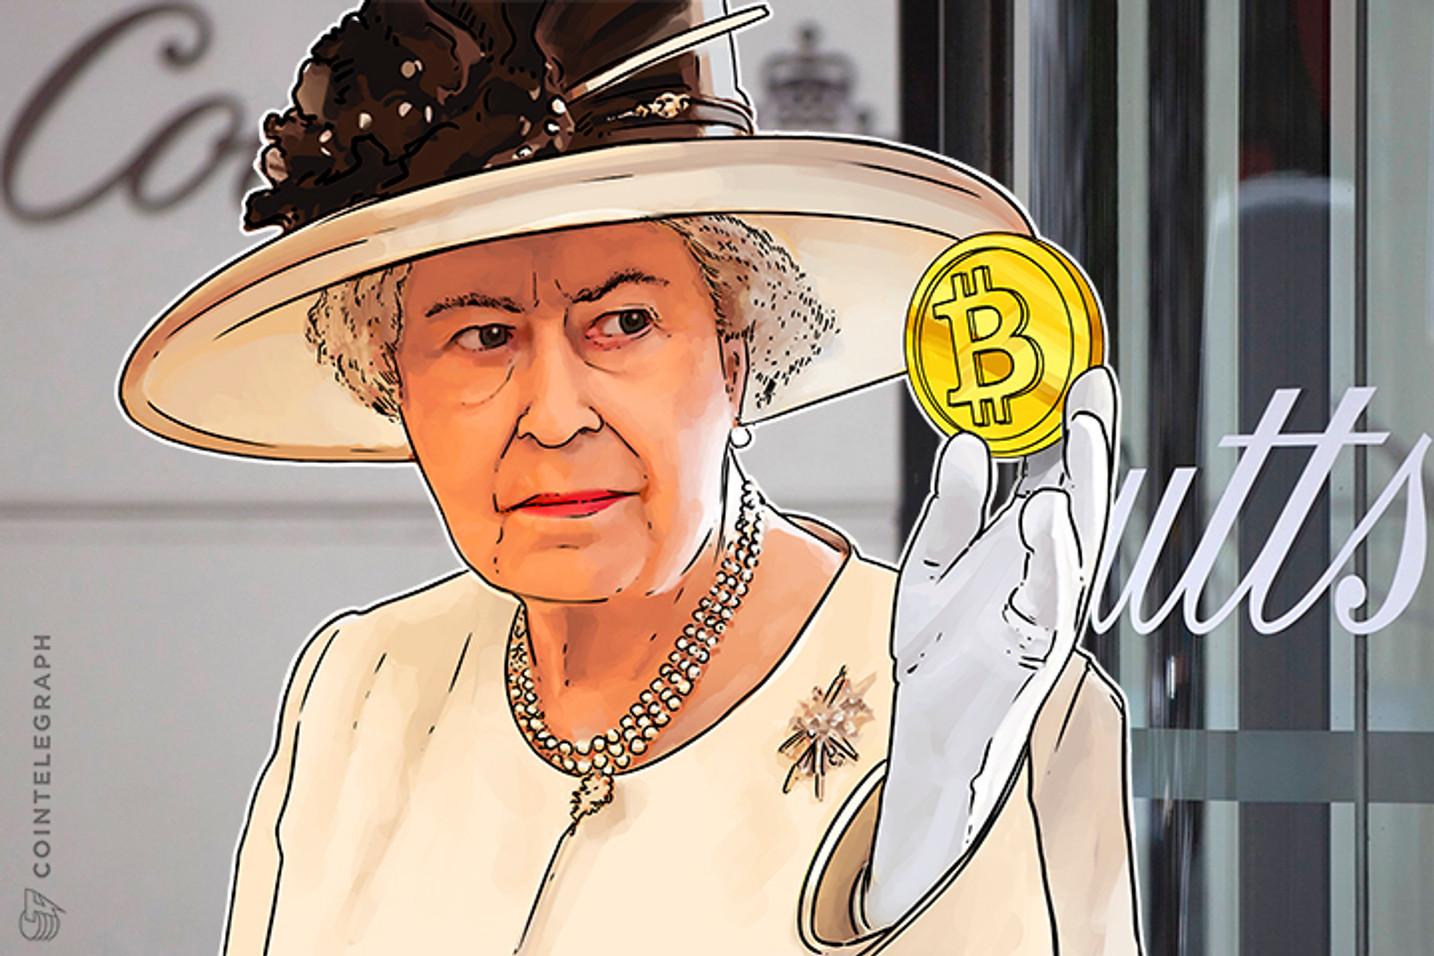 Apesar do crescimento do preço, banco da rainha ri do Bitcoin